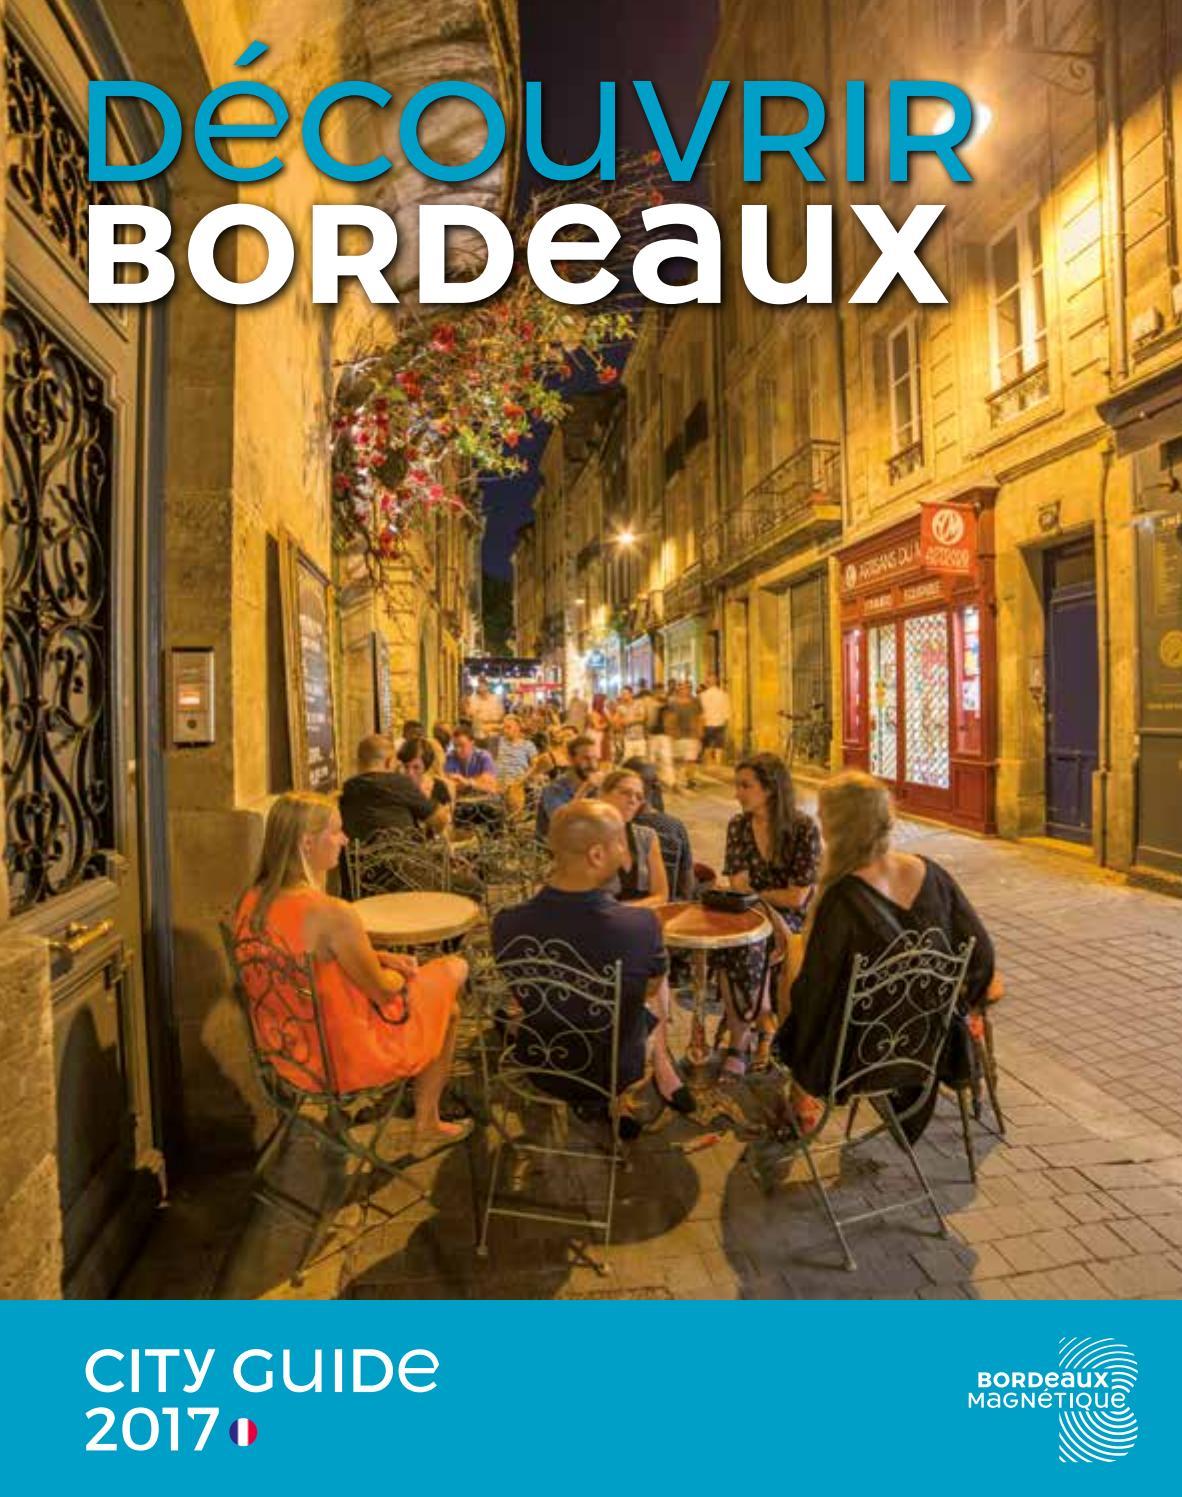 Bordeaux city guide fr 2017 by office de tourisme de bordeaux m tropole issuu - Office de tourisme de bordeaux ...